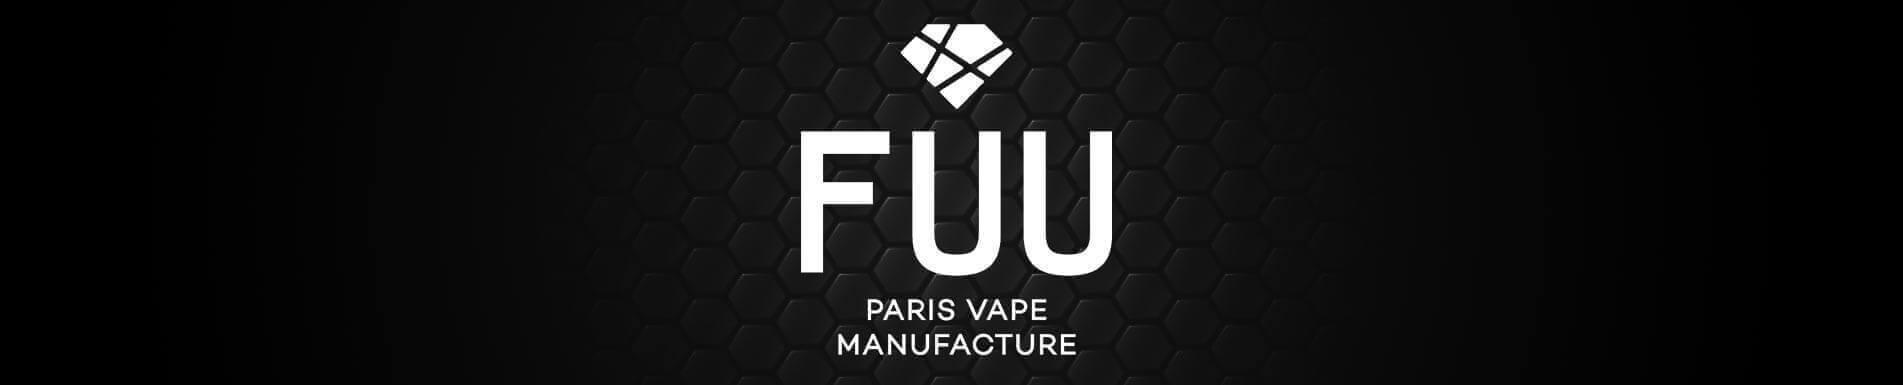 arôme the fuu